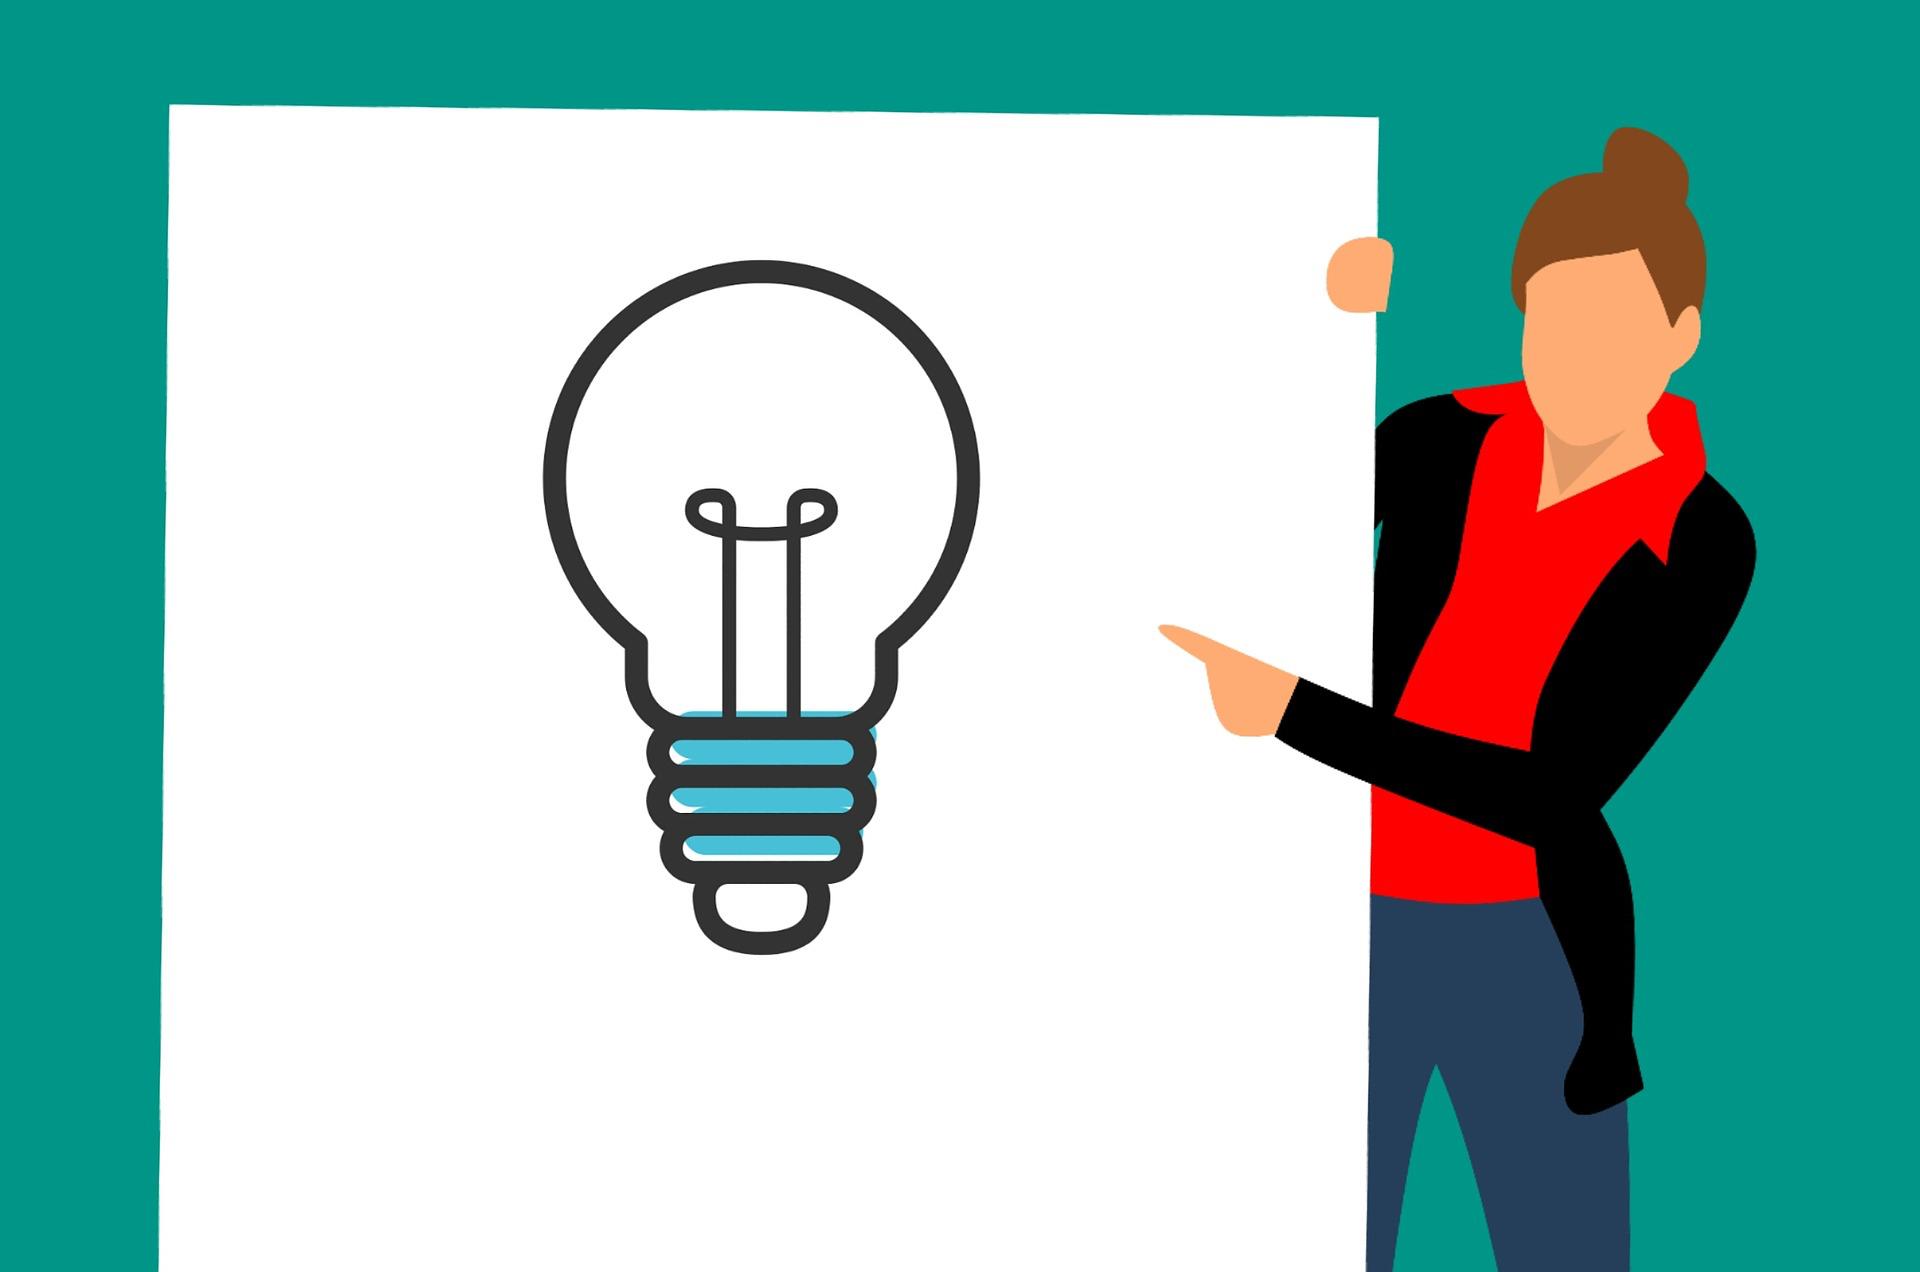 beim praktischen teil prsentiert der prfling eine berufstypische ausbildungssituation grafik pixabay - Aevo Praktische Prfung Beispiele